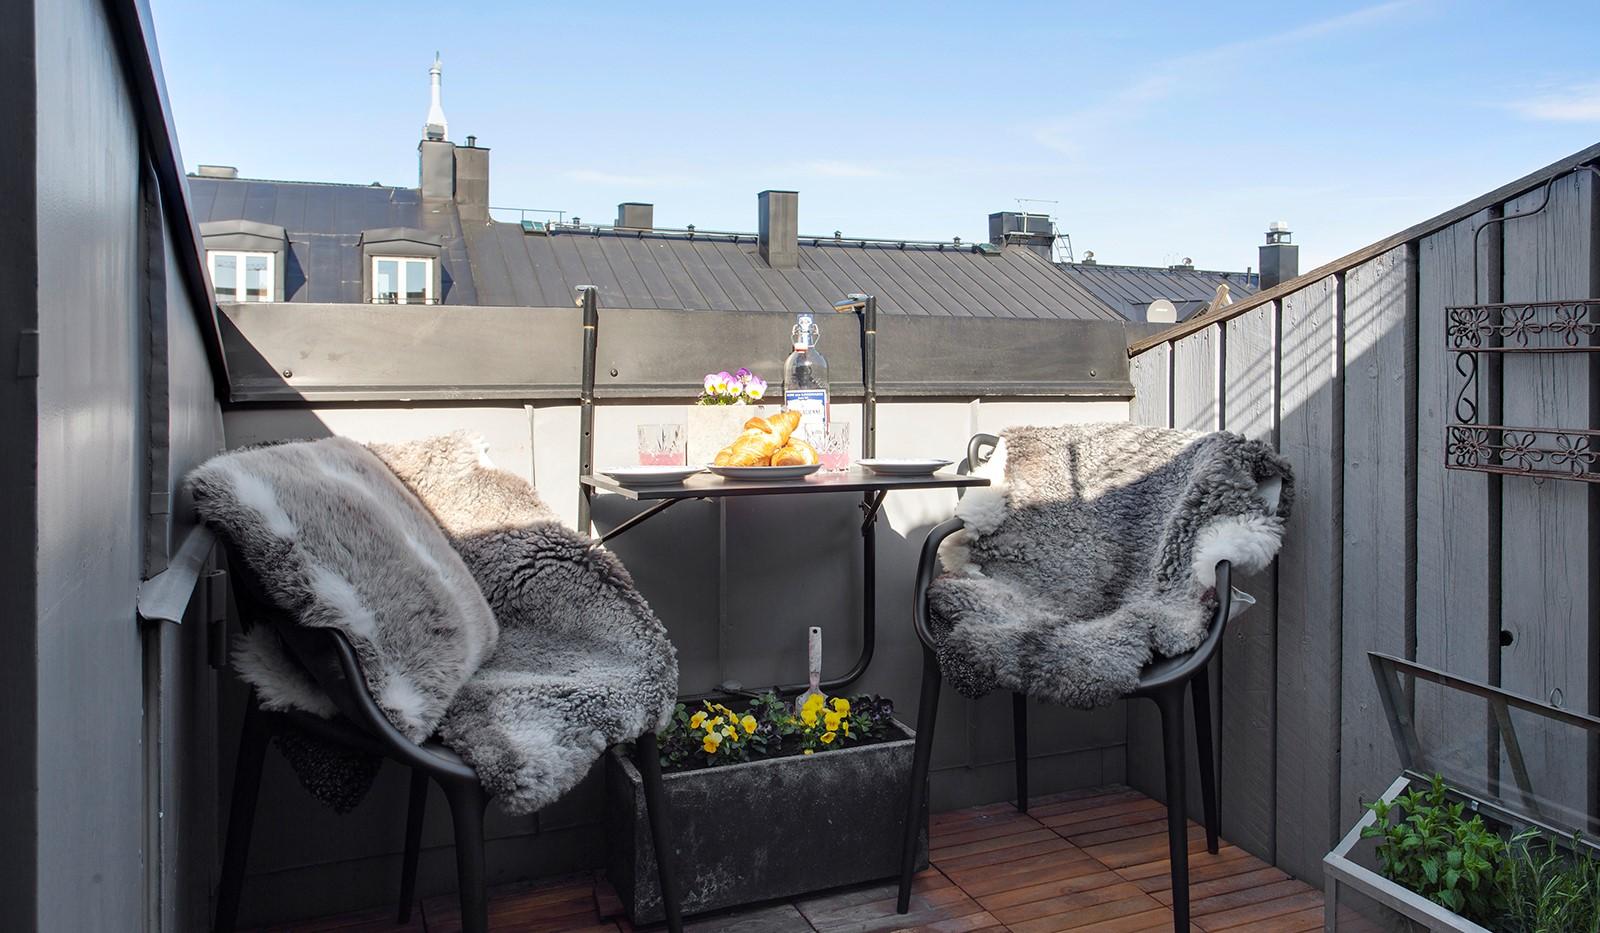 Maria Prästgårdsgata 19, 5 tr - Härlig solig terrass, med mer sol ju längre dagen gryr